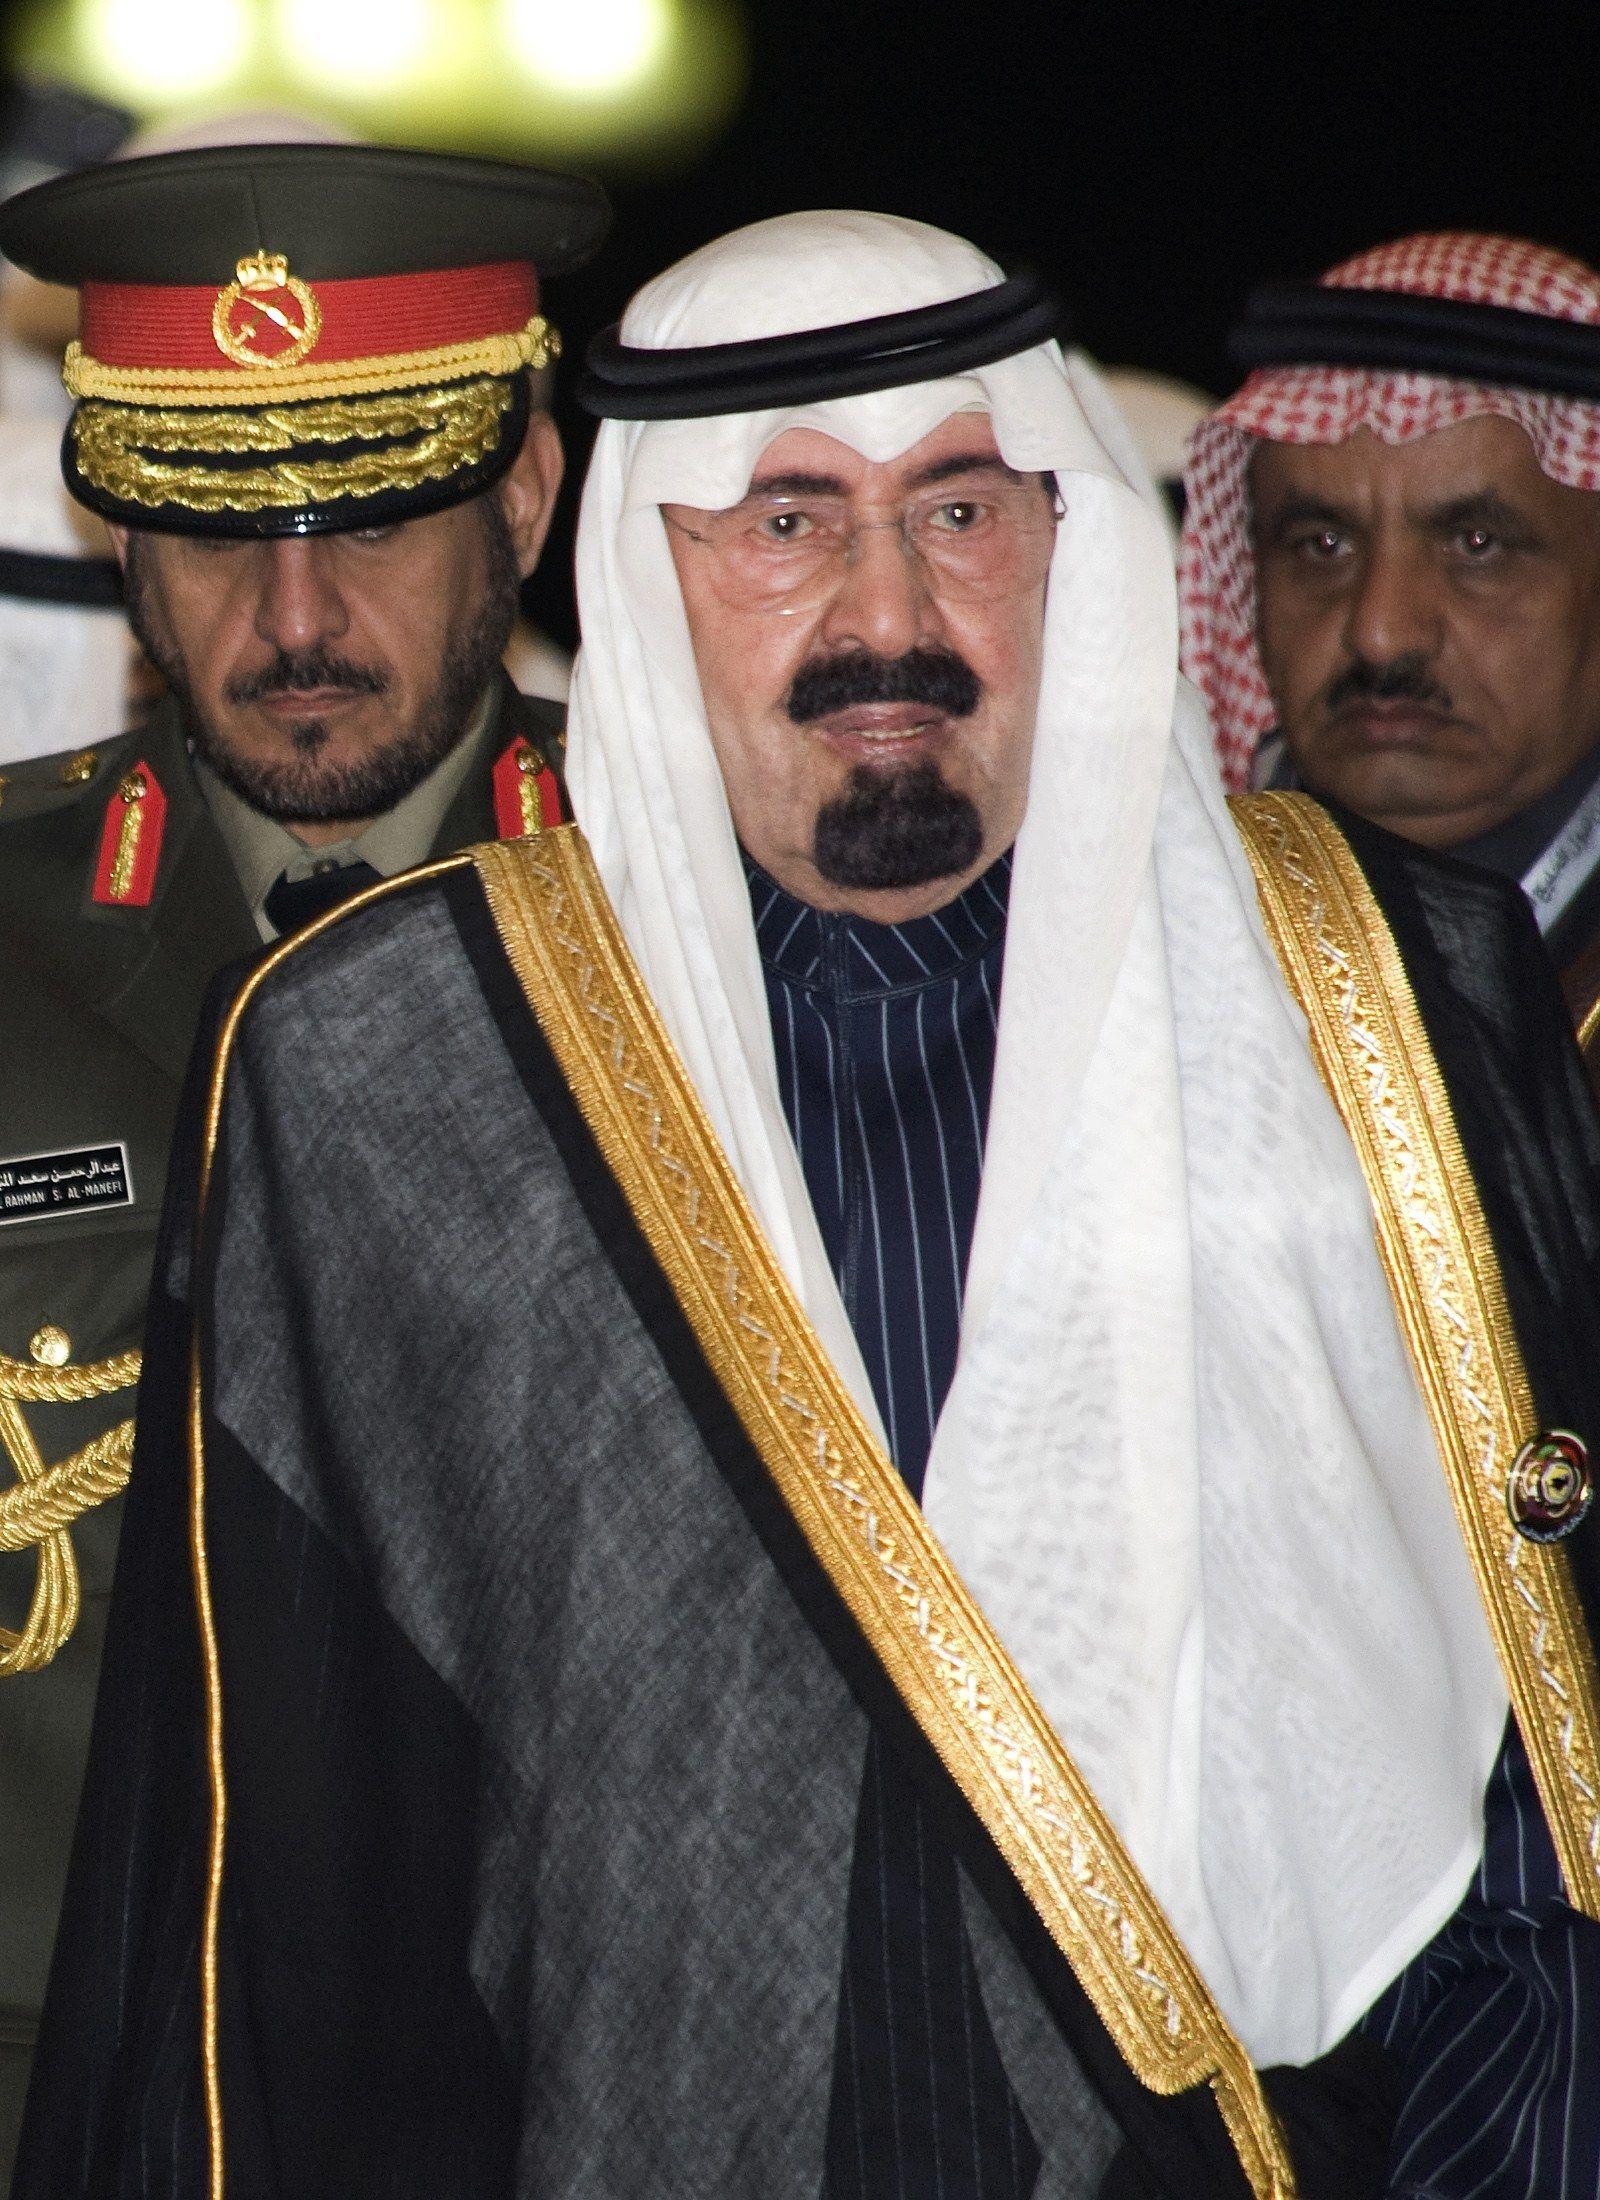 König Abdullah Saudi-Arabien